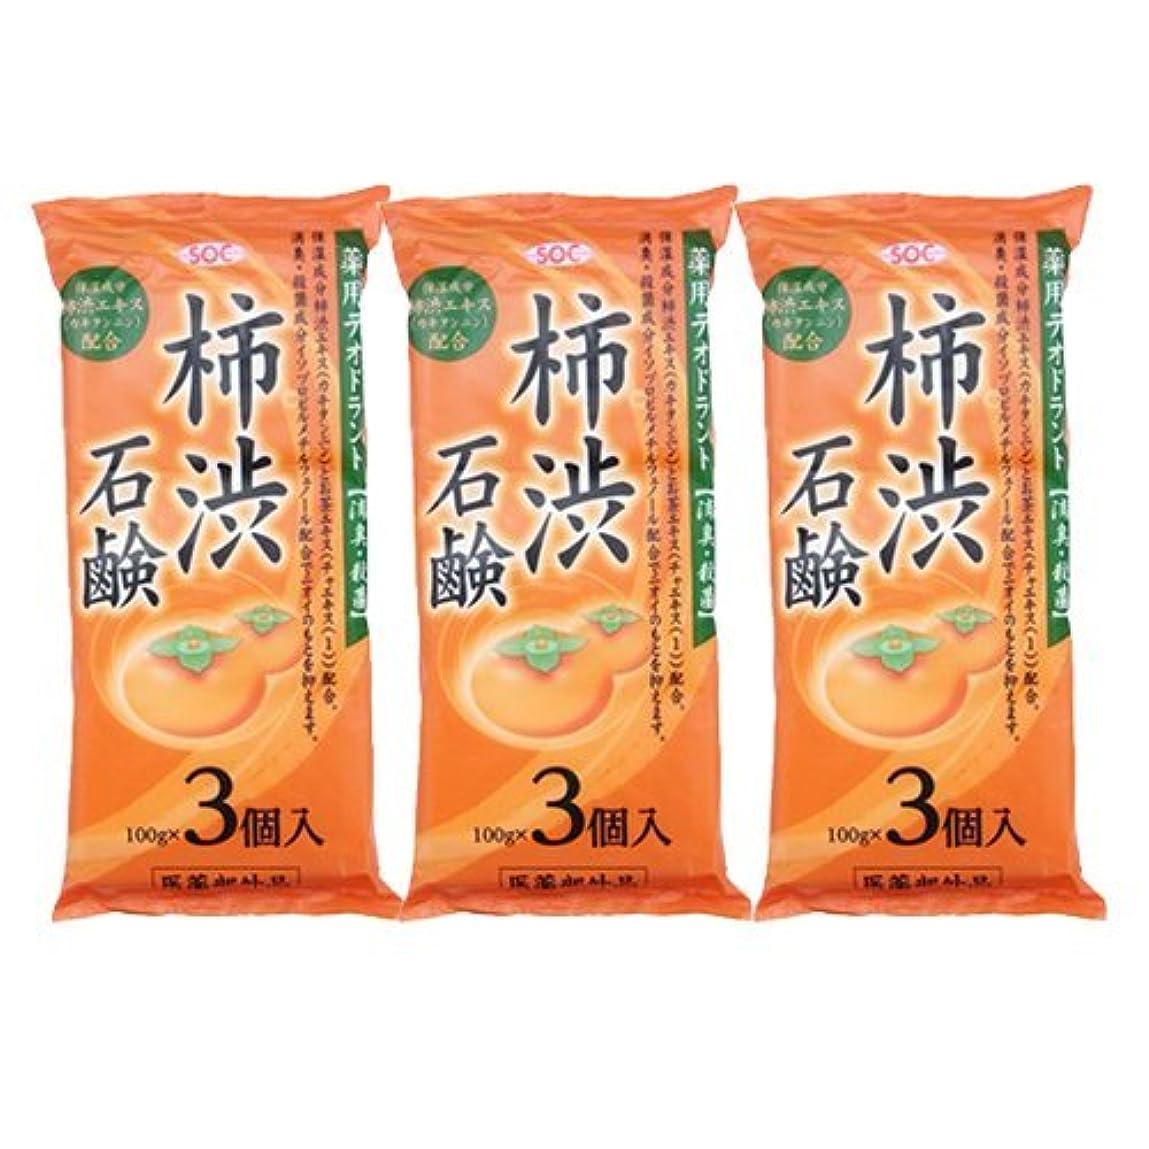 支配するからインチ渋谷油脂 SOC 薬用柿渋石鹸 3P ×3袋セット (100g×9個)